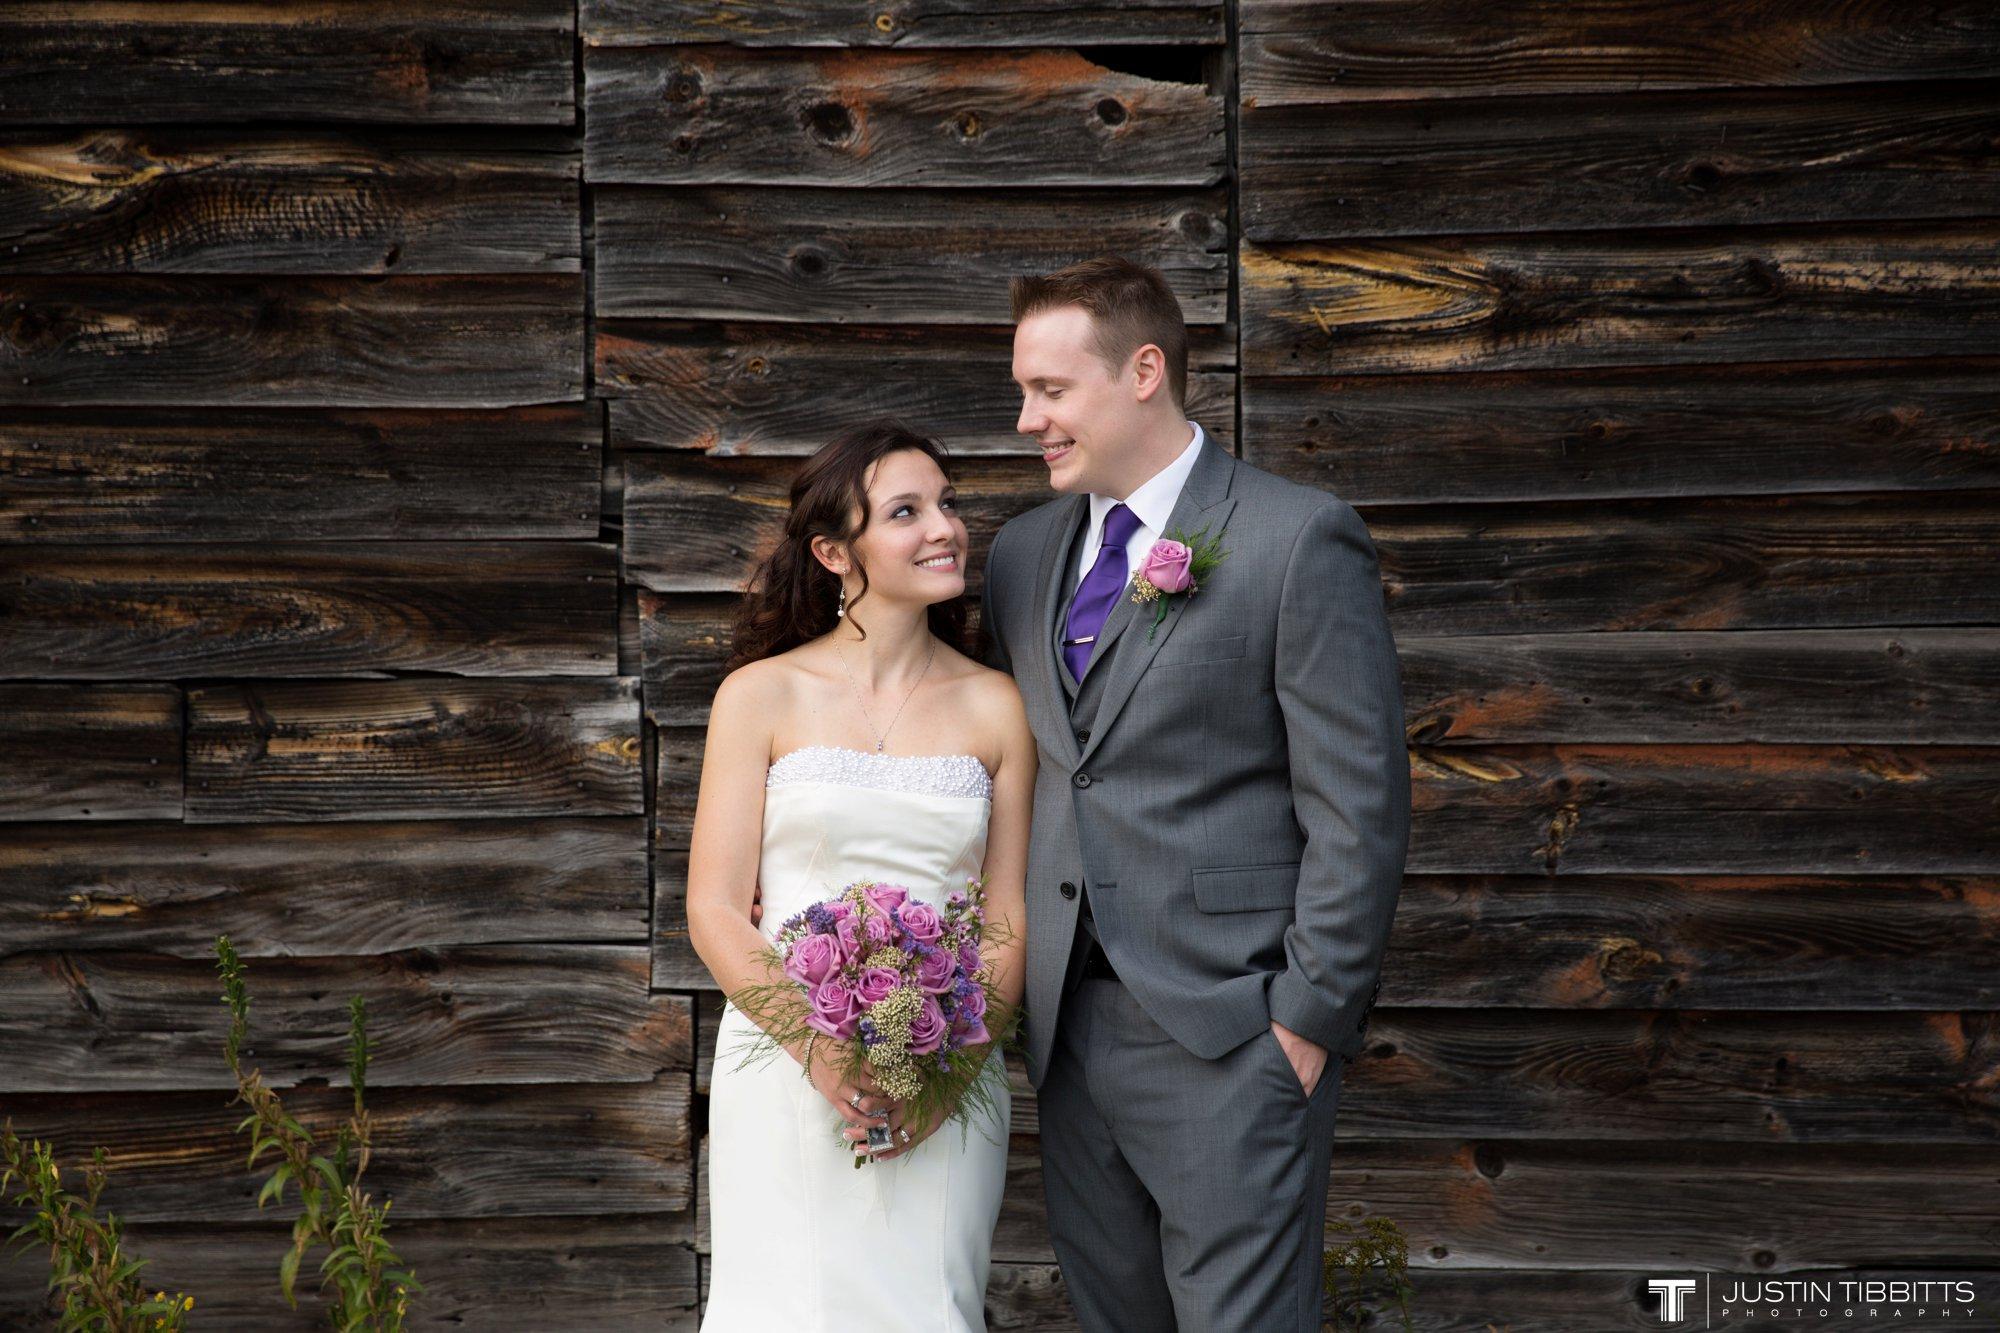 Justin Tibbitts Photography Rob and Brittany's Averill Park, NY Wedding_0402